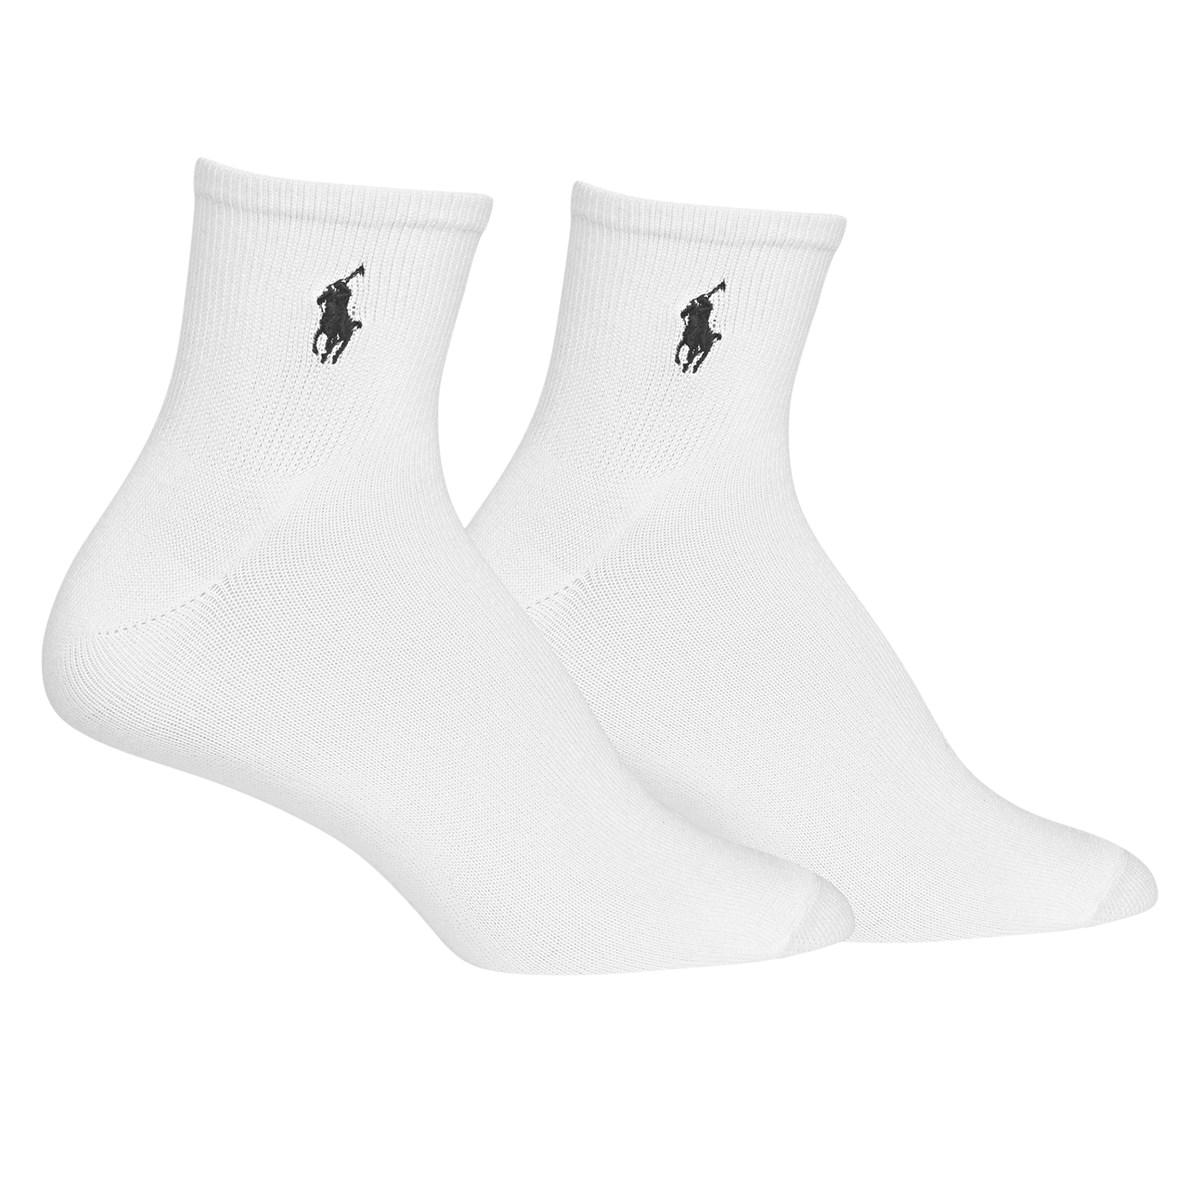 Women's Super Soft Quarter Socks in White